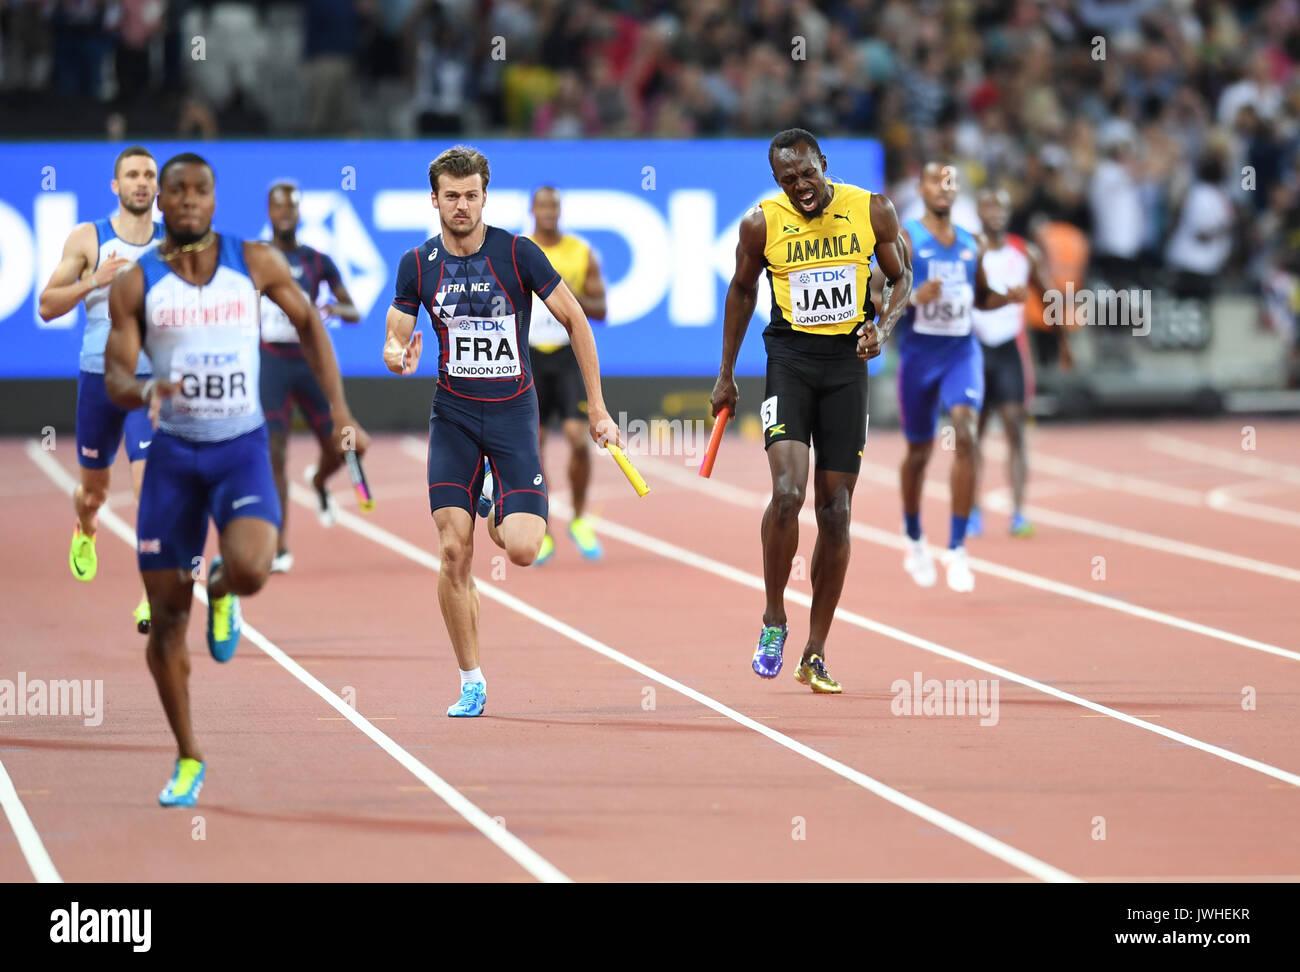 Londres, Reino Unido. 12 de agosto, 2017. Usain Bolt tirado herido en su última carrera, nunca en los relés 4x100 Foto de stock